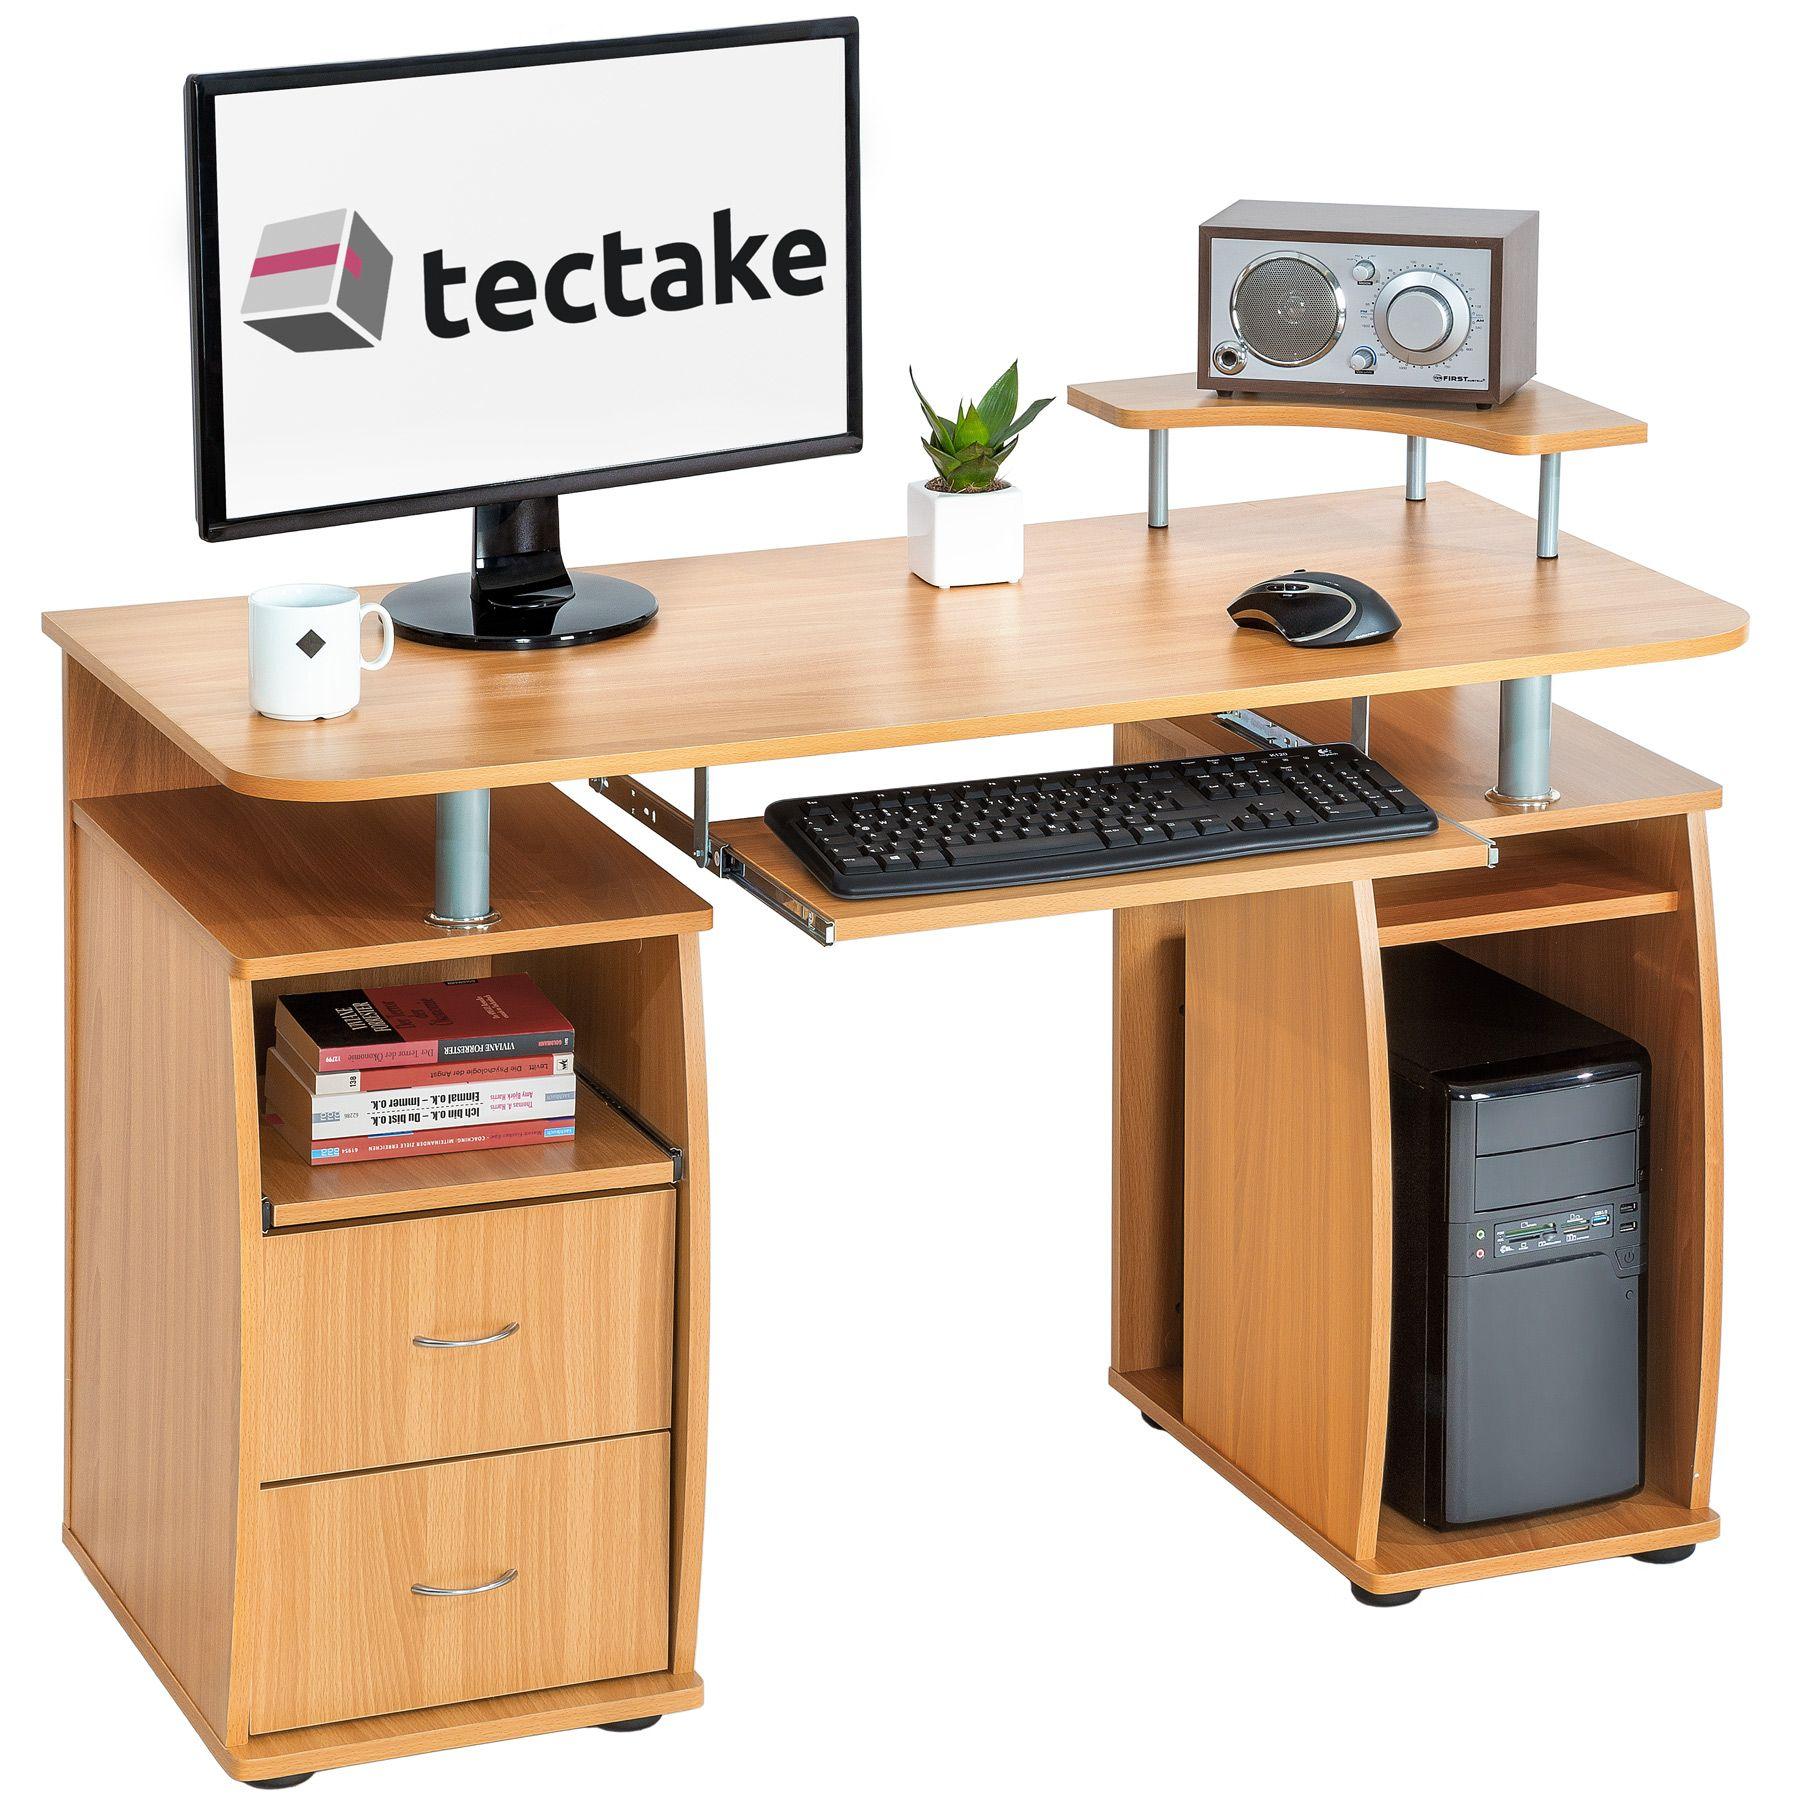 details sur bureau informatique table de l ordinateur travail mobilier meubles pc hetre